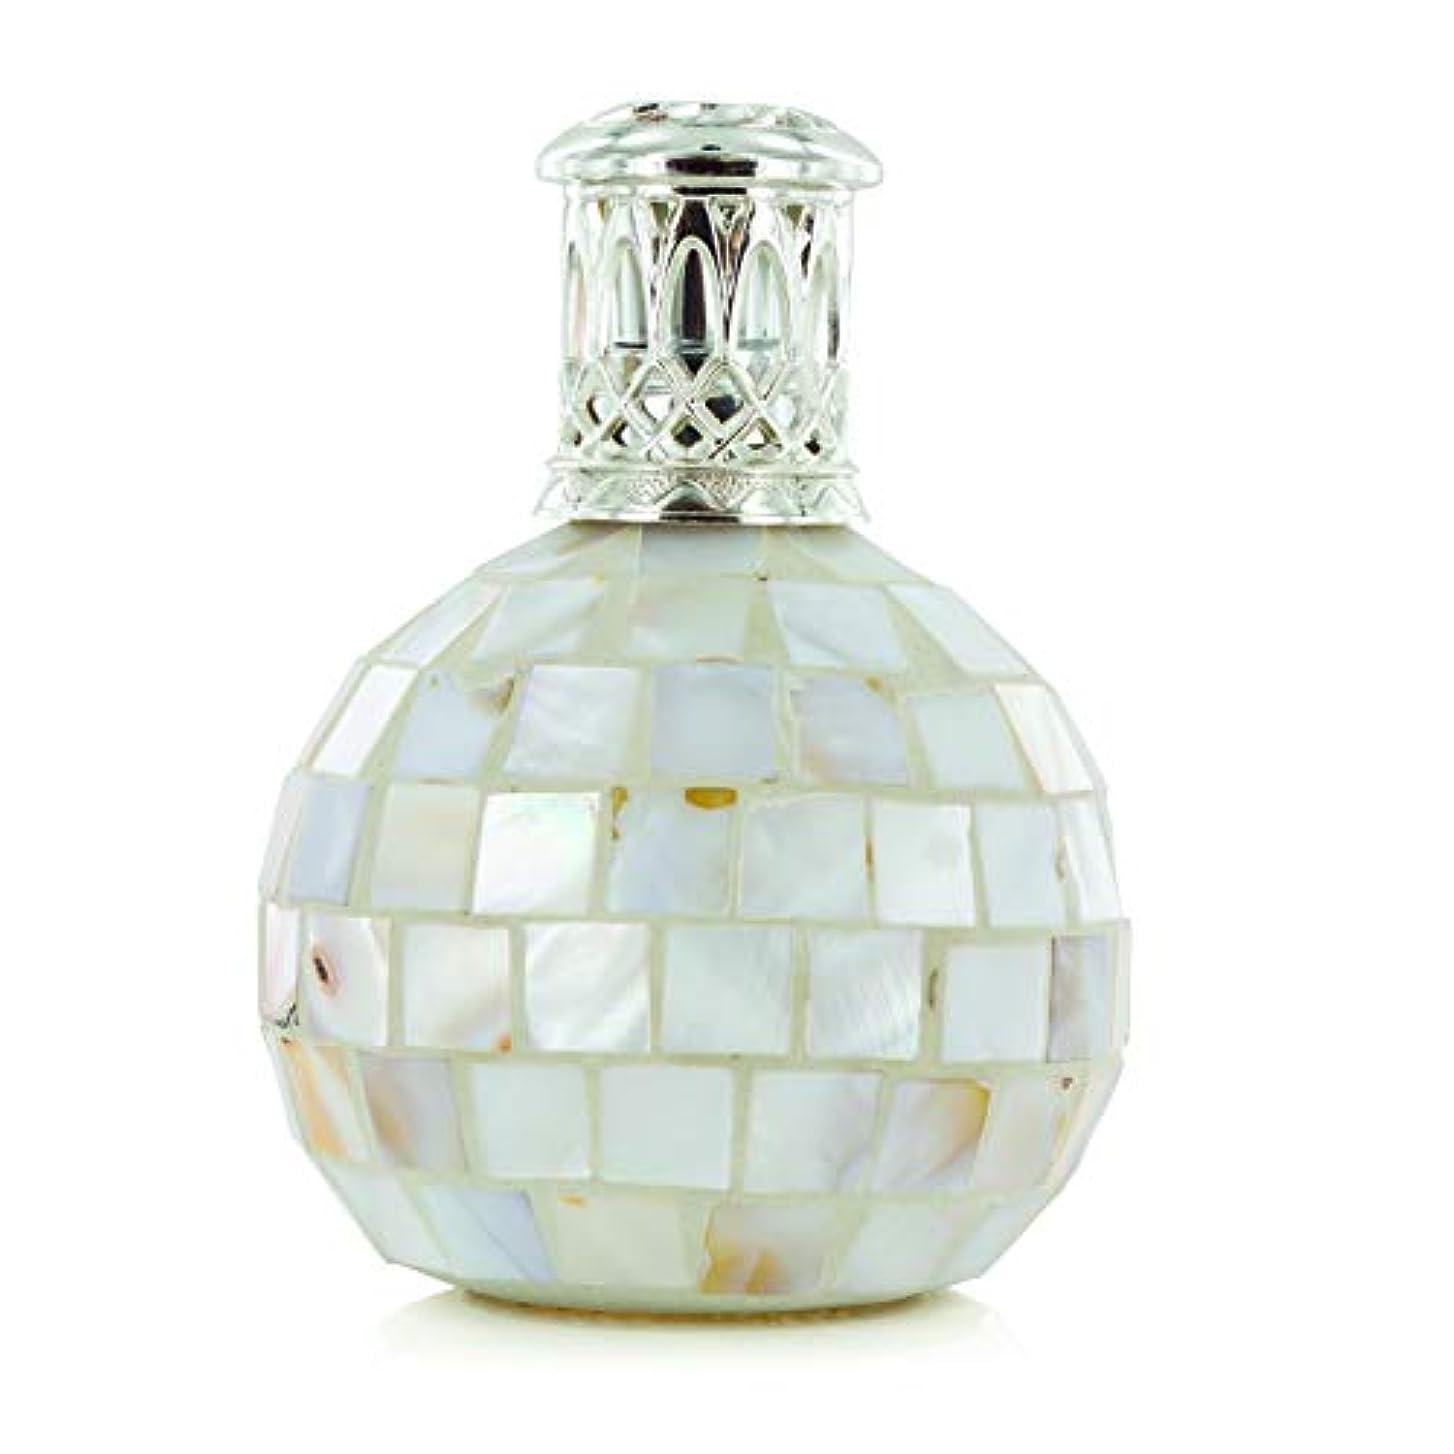 ルーム和邪悪なAshleigh&Burwood フレグランスランプ S リトルオーシャン FragranceLamps sizeS LittleOcean アシュレイ&バーウッド